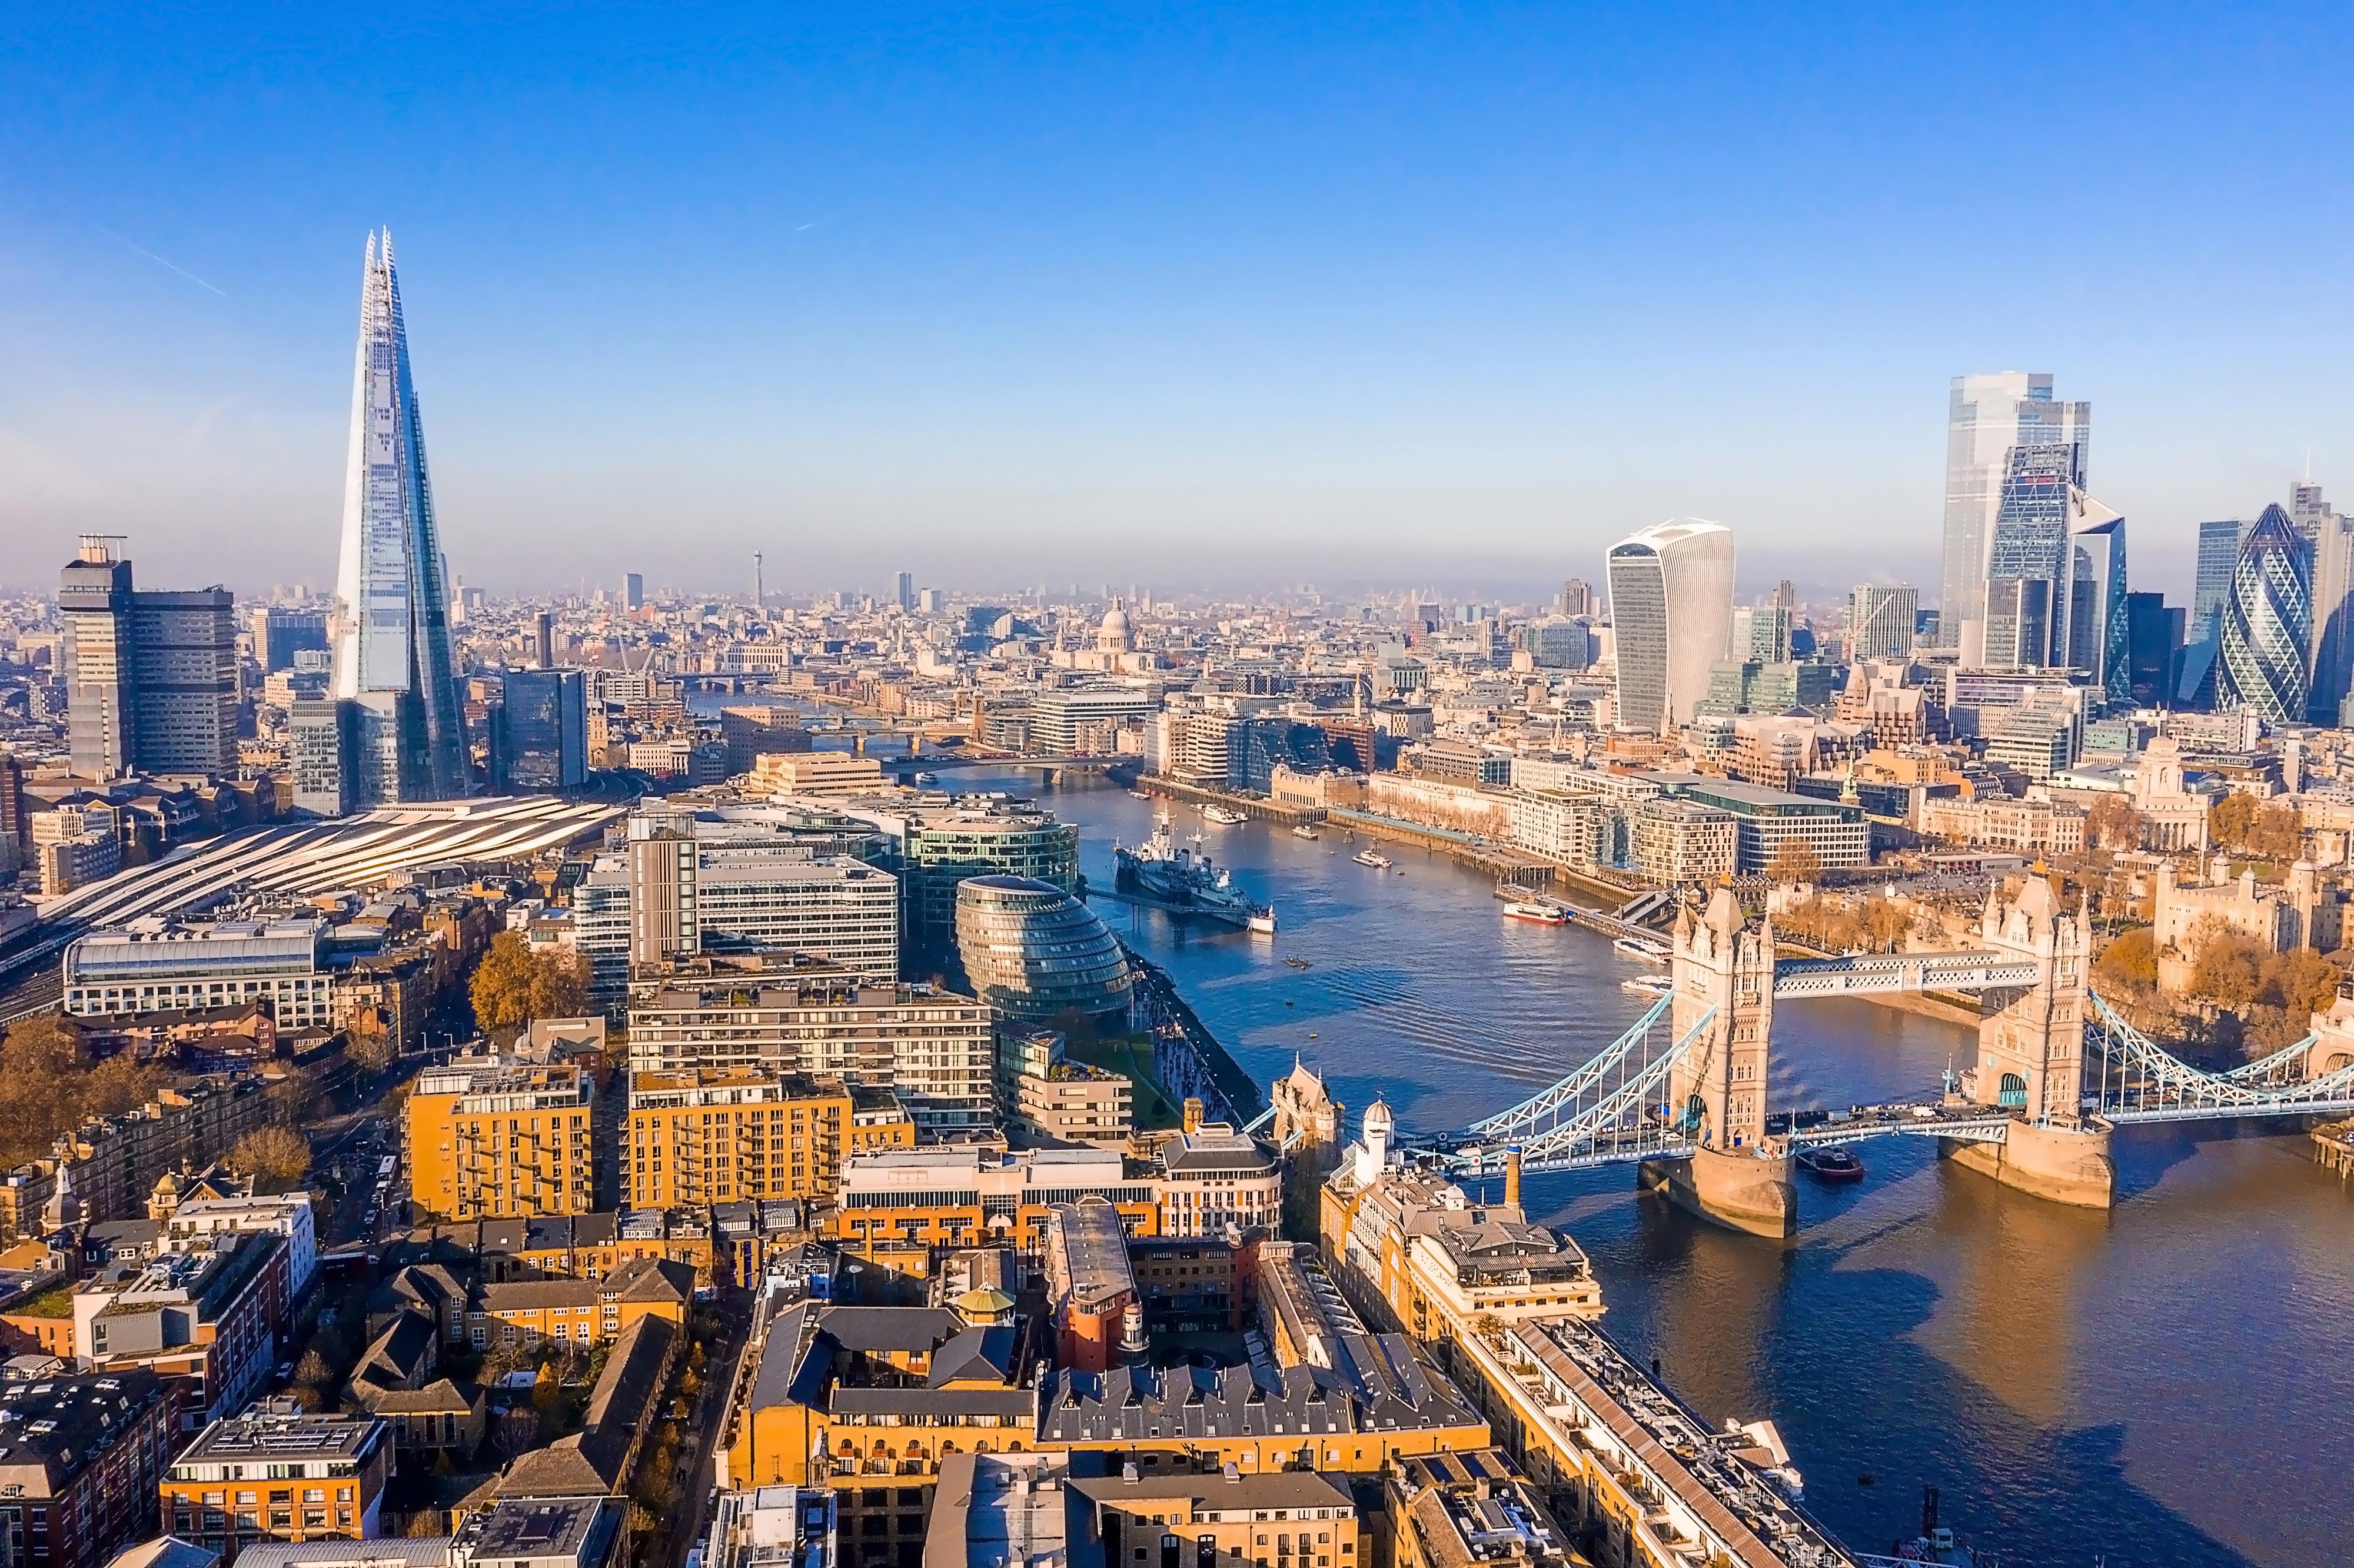 Лондон, столица Великобритании, ПМЖ которой могут получить иностранцы